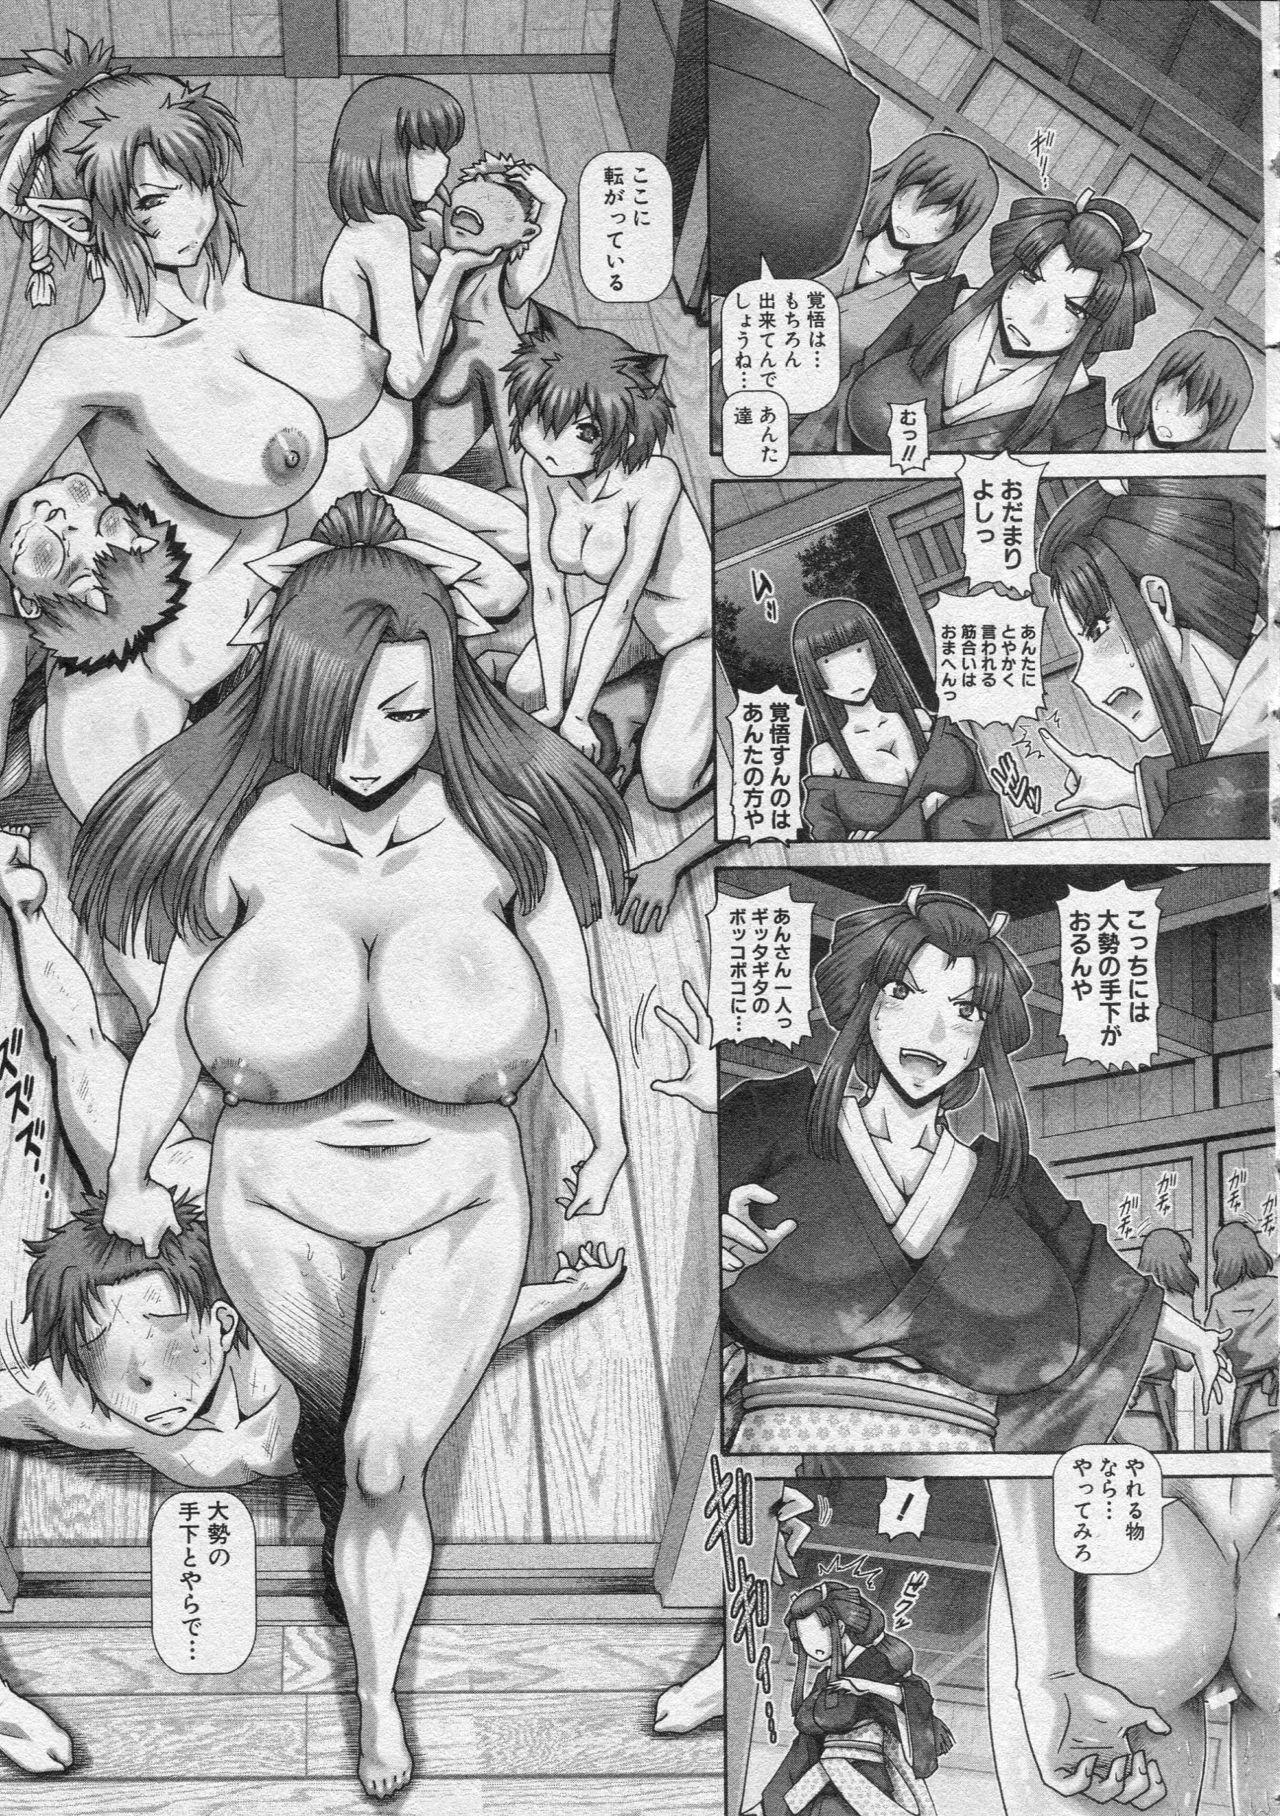 Ayakashiyakata no Tamahime 190